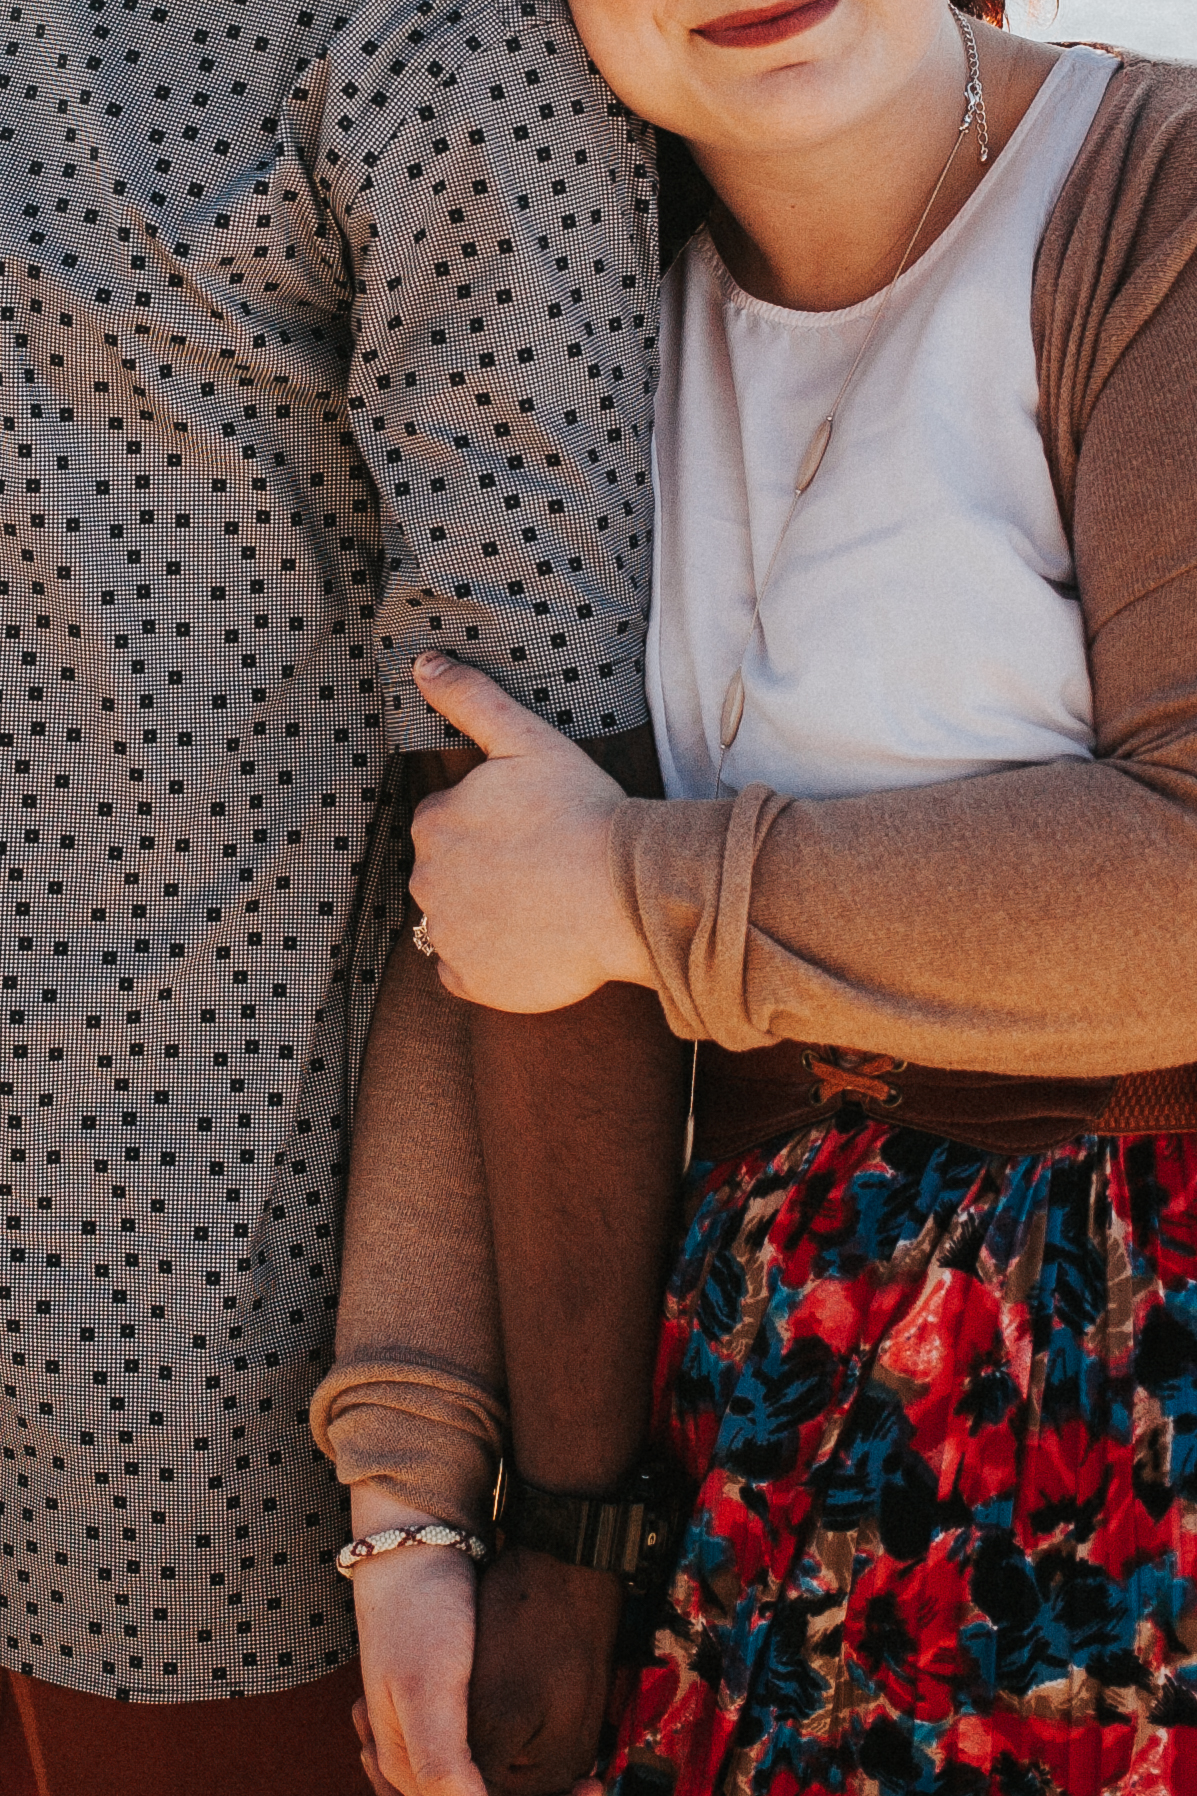 Chelsey Somohano Photography www.somohanoweddings.com